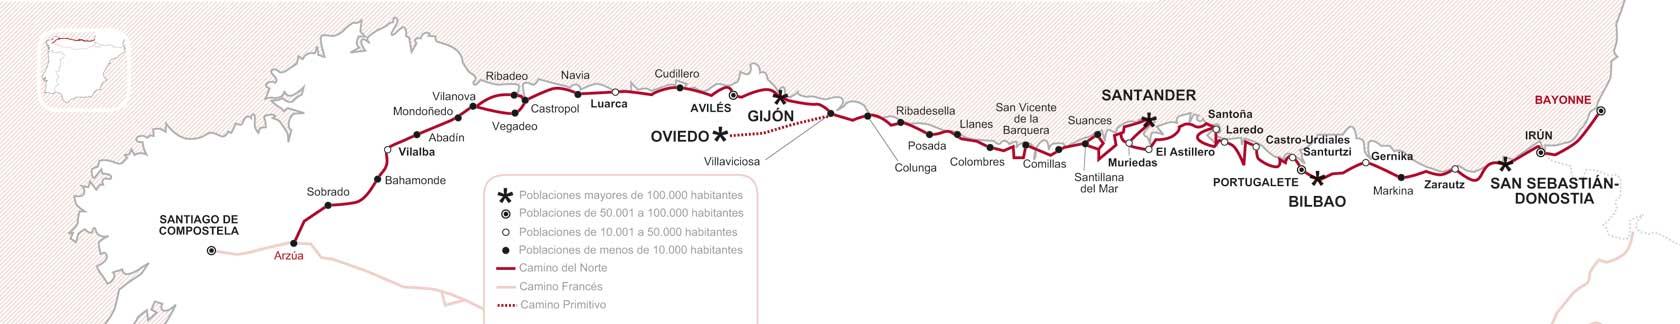 Mapa Norte España Costa.Norte Camino Del Xacopedia